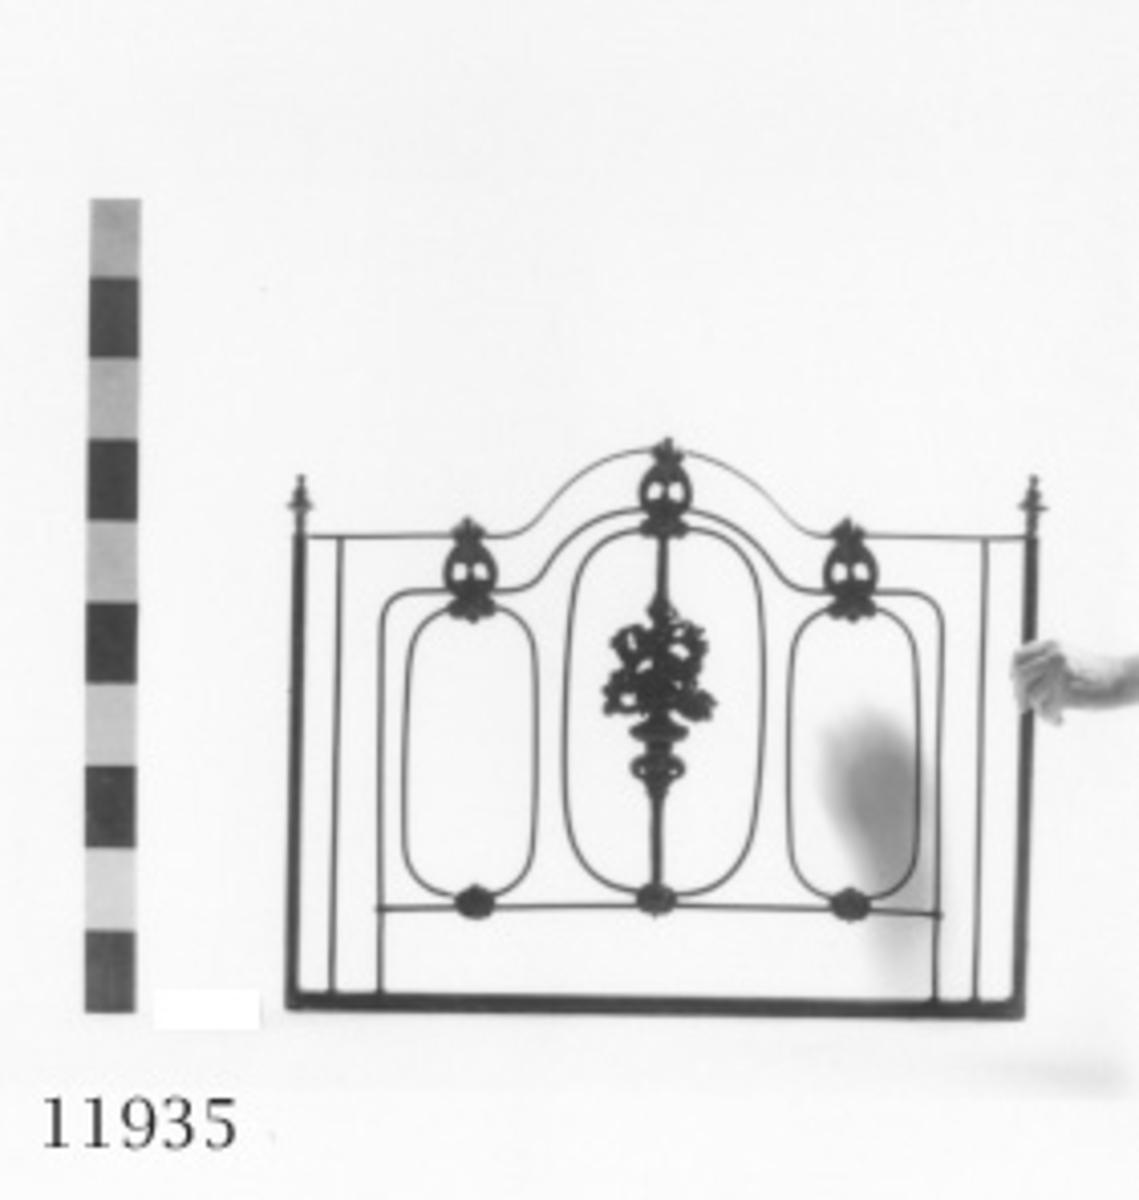 Sänggavel av halv- och rundjärn. Försedd med gjutna ornament i form av blad- och blommönster i relief samt två svarvade knoppar av mässing. Svartmålad.